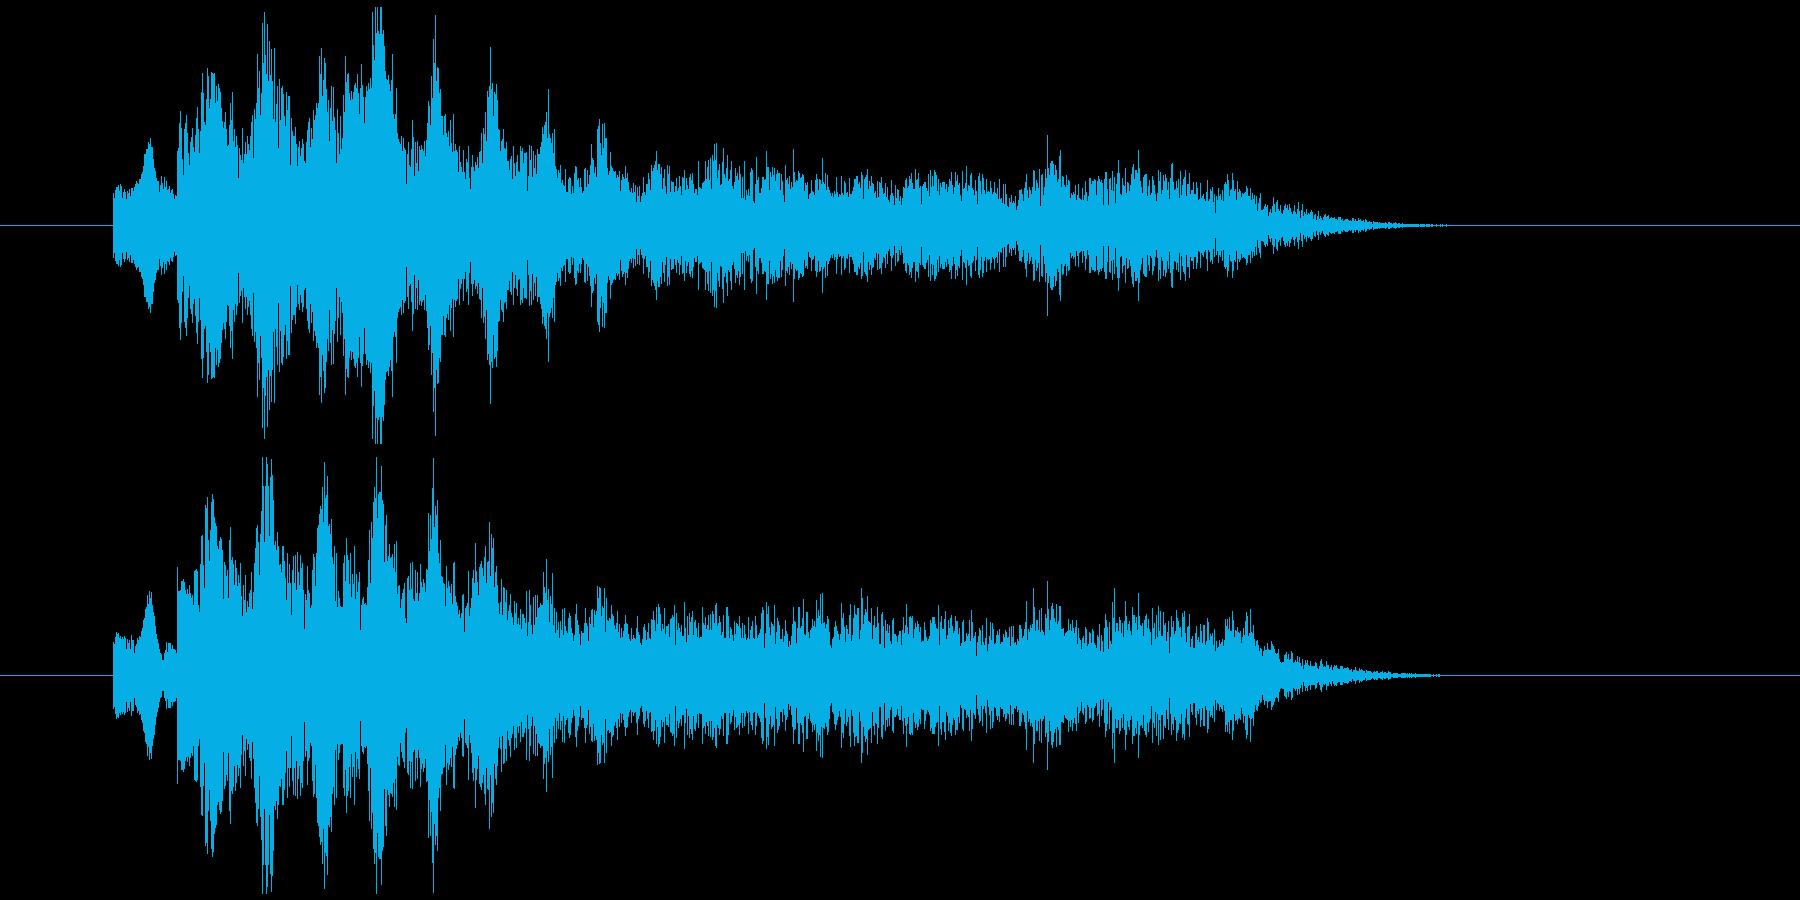 不気味なアルペジオ 5の再生済みの波形